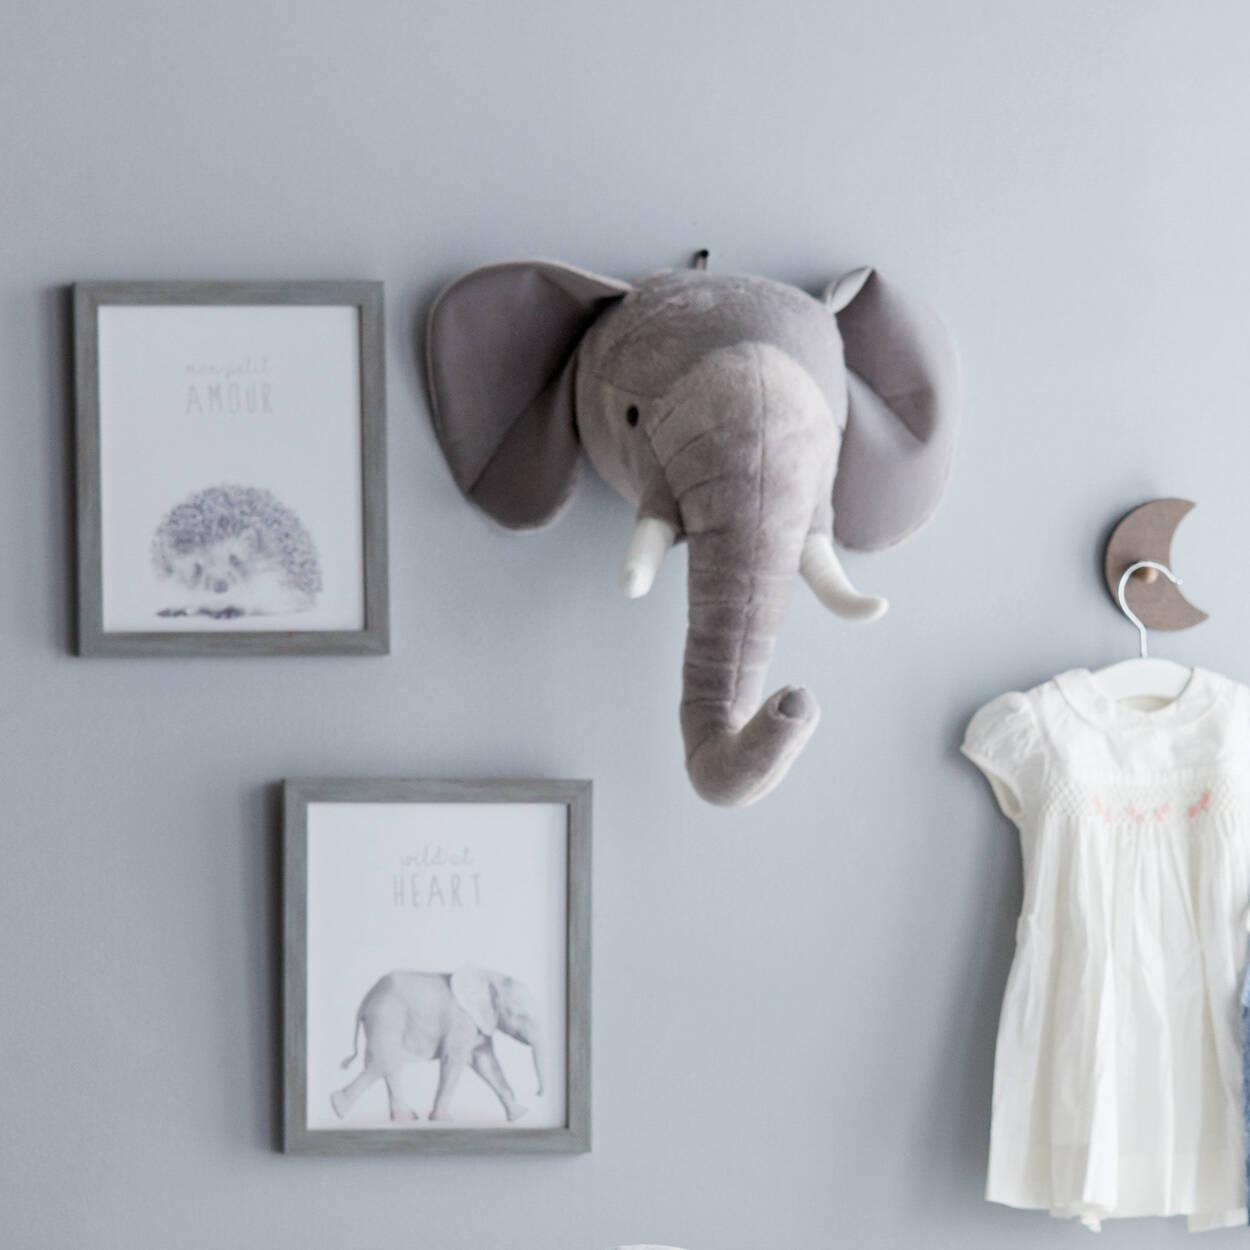 Elephant Wall Decor   Bouclair.com